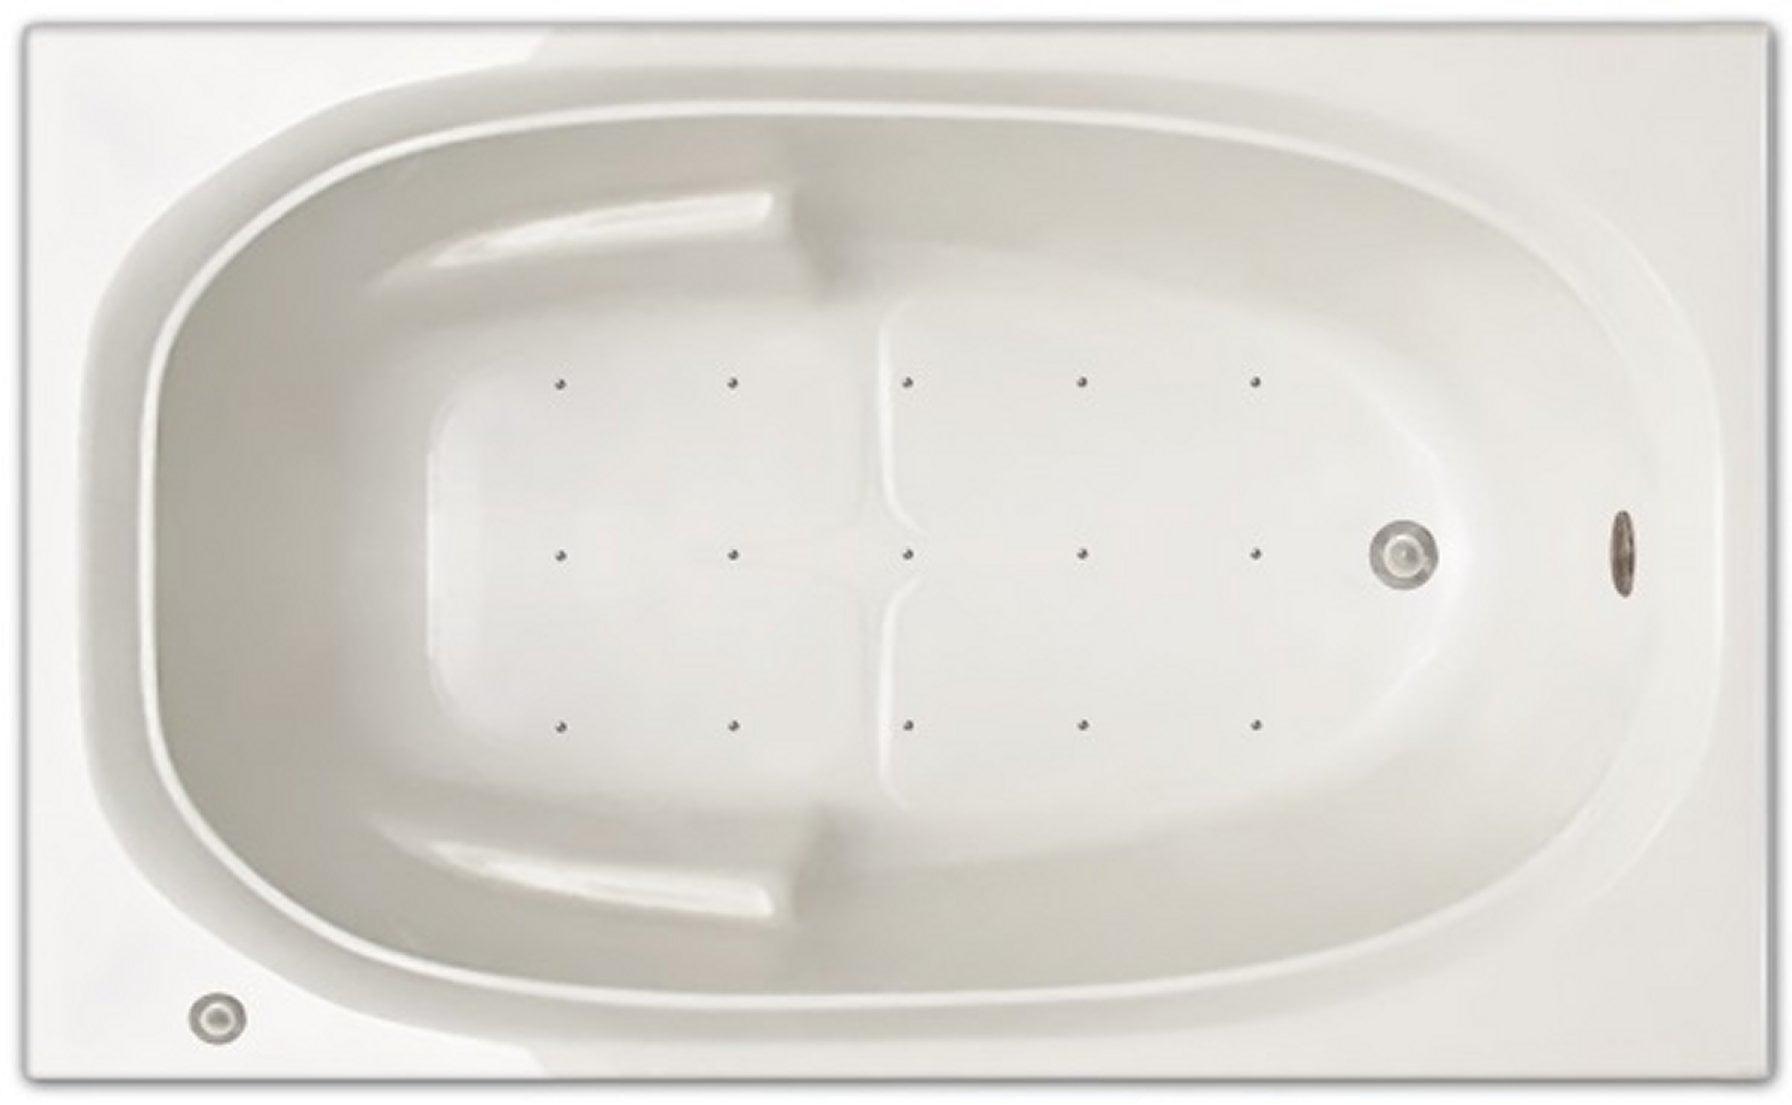 Drop-in Bathtub / 60x36x19 / high gloss white acrylic / Rectangle / LPI221-A-RD Pinnacle Bath - Air Bath 0